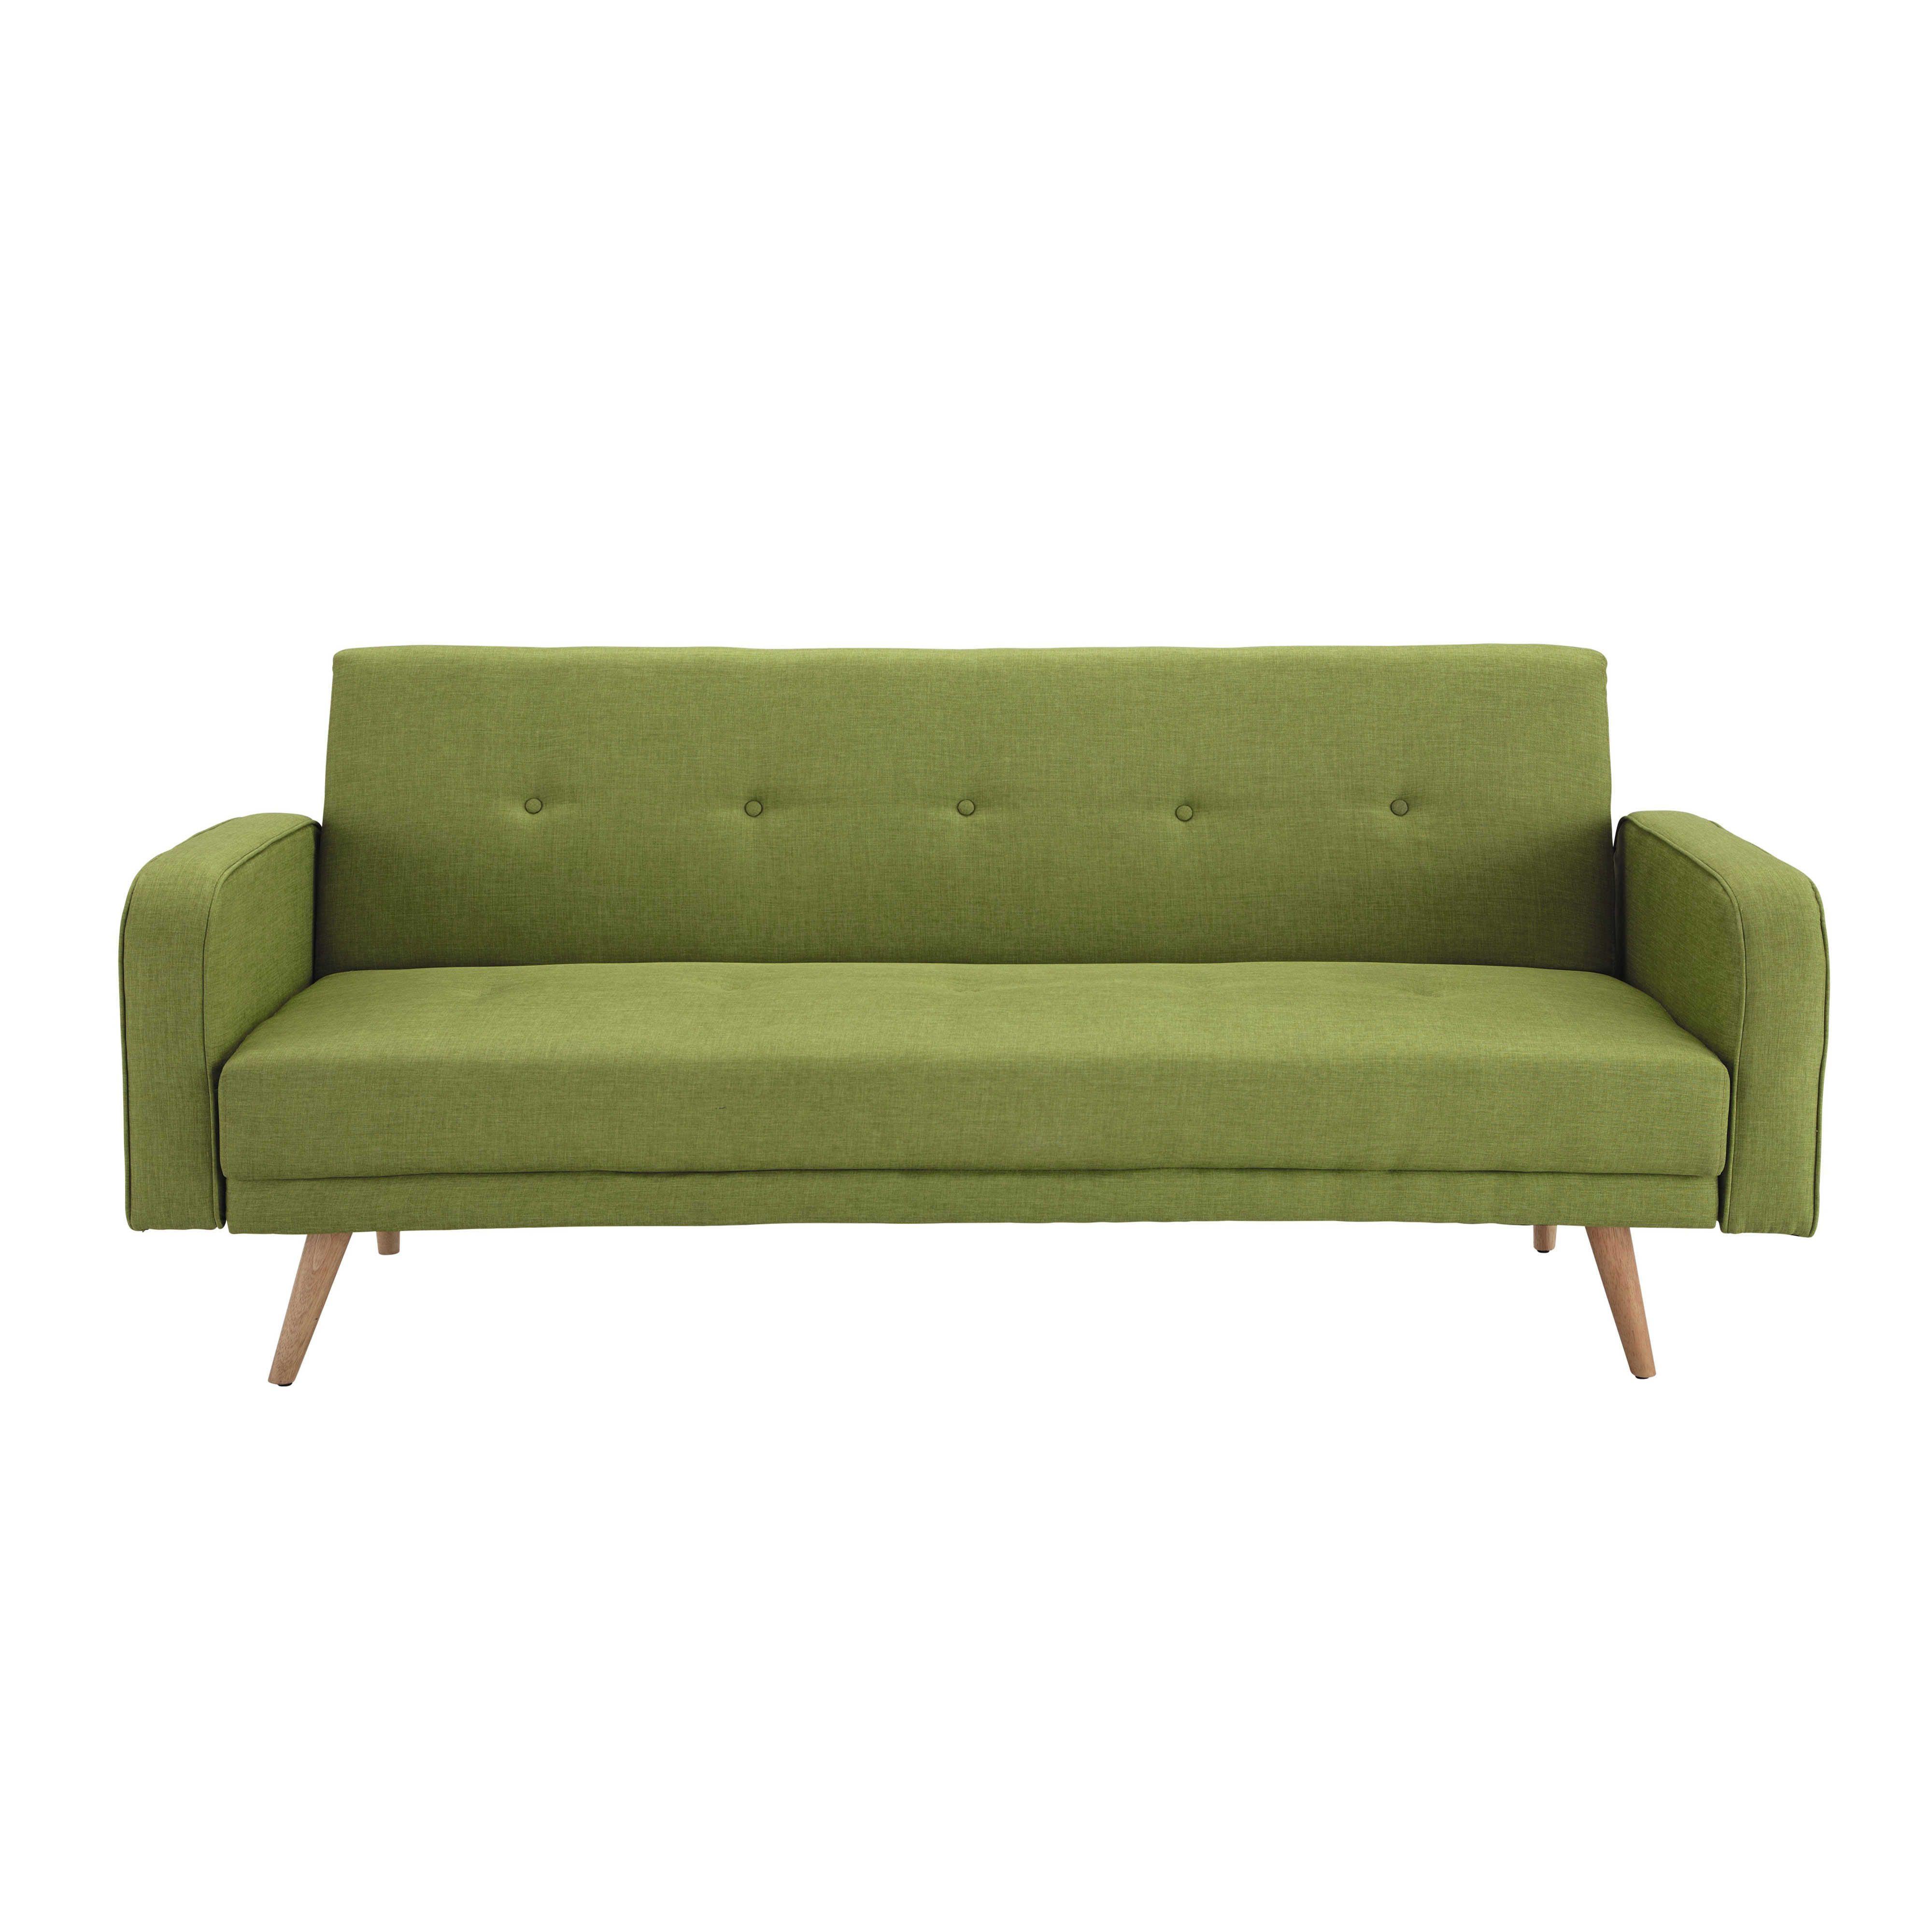 Sofa Clic Clac Convertible 3 Plazas Verde Anis Met Afbeeldingen